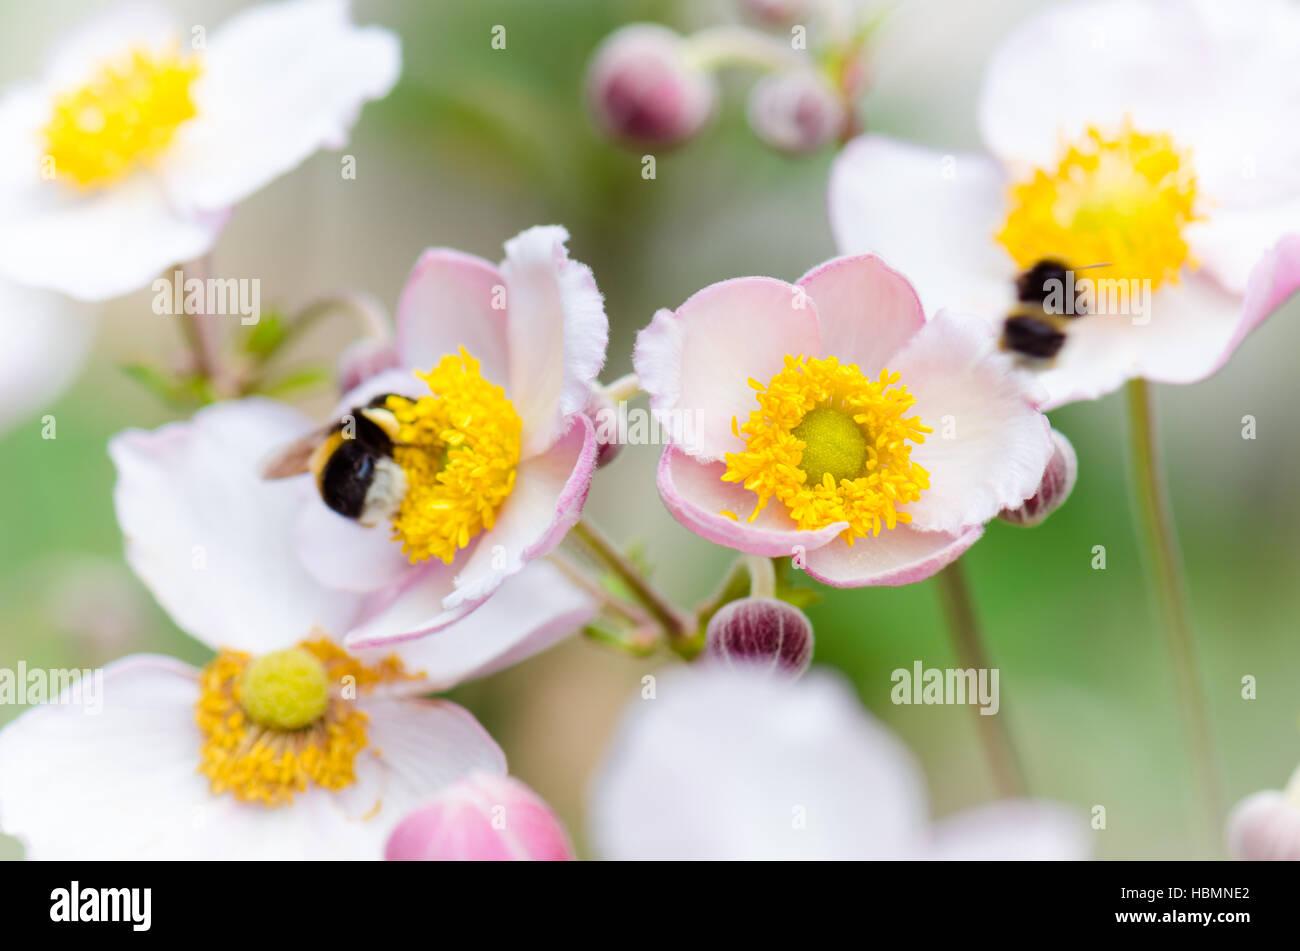 Une abeille recueille le pollen de fleur, close-up Banque D'Images